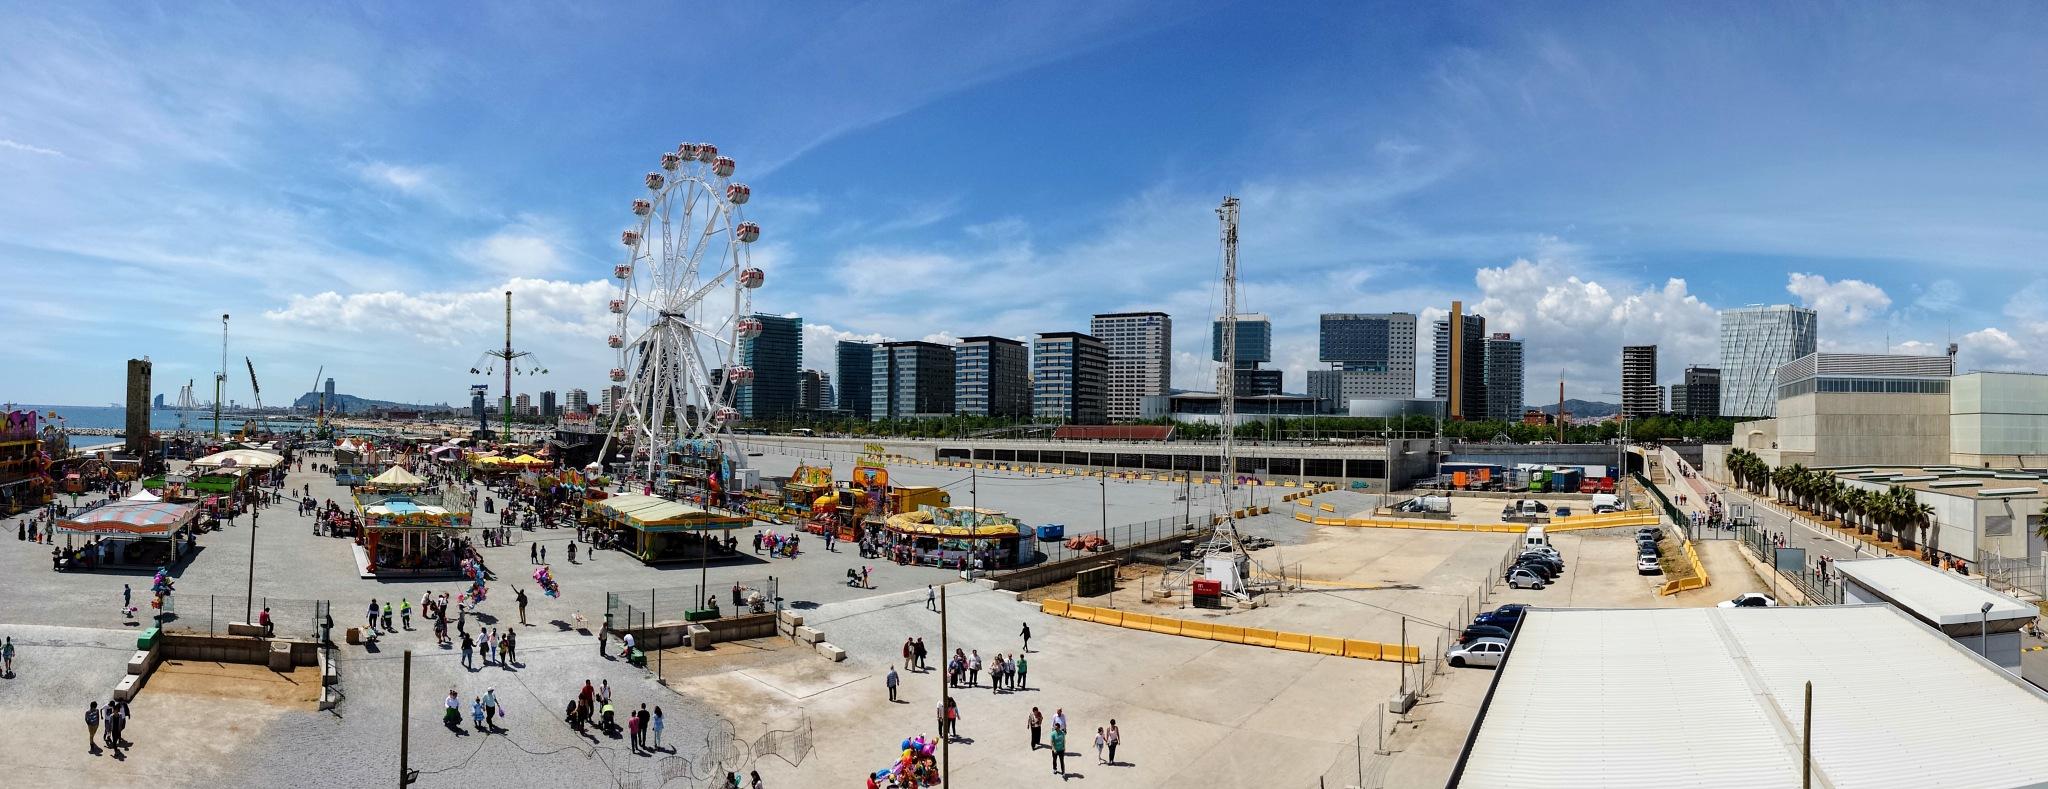 Feria by JMDuque